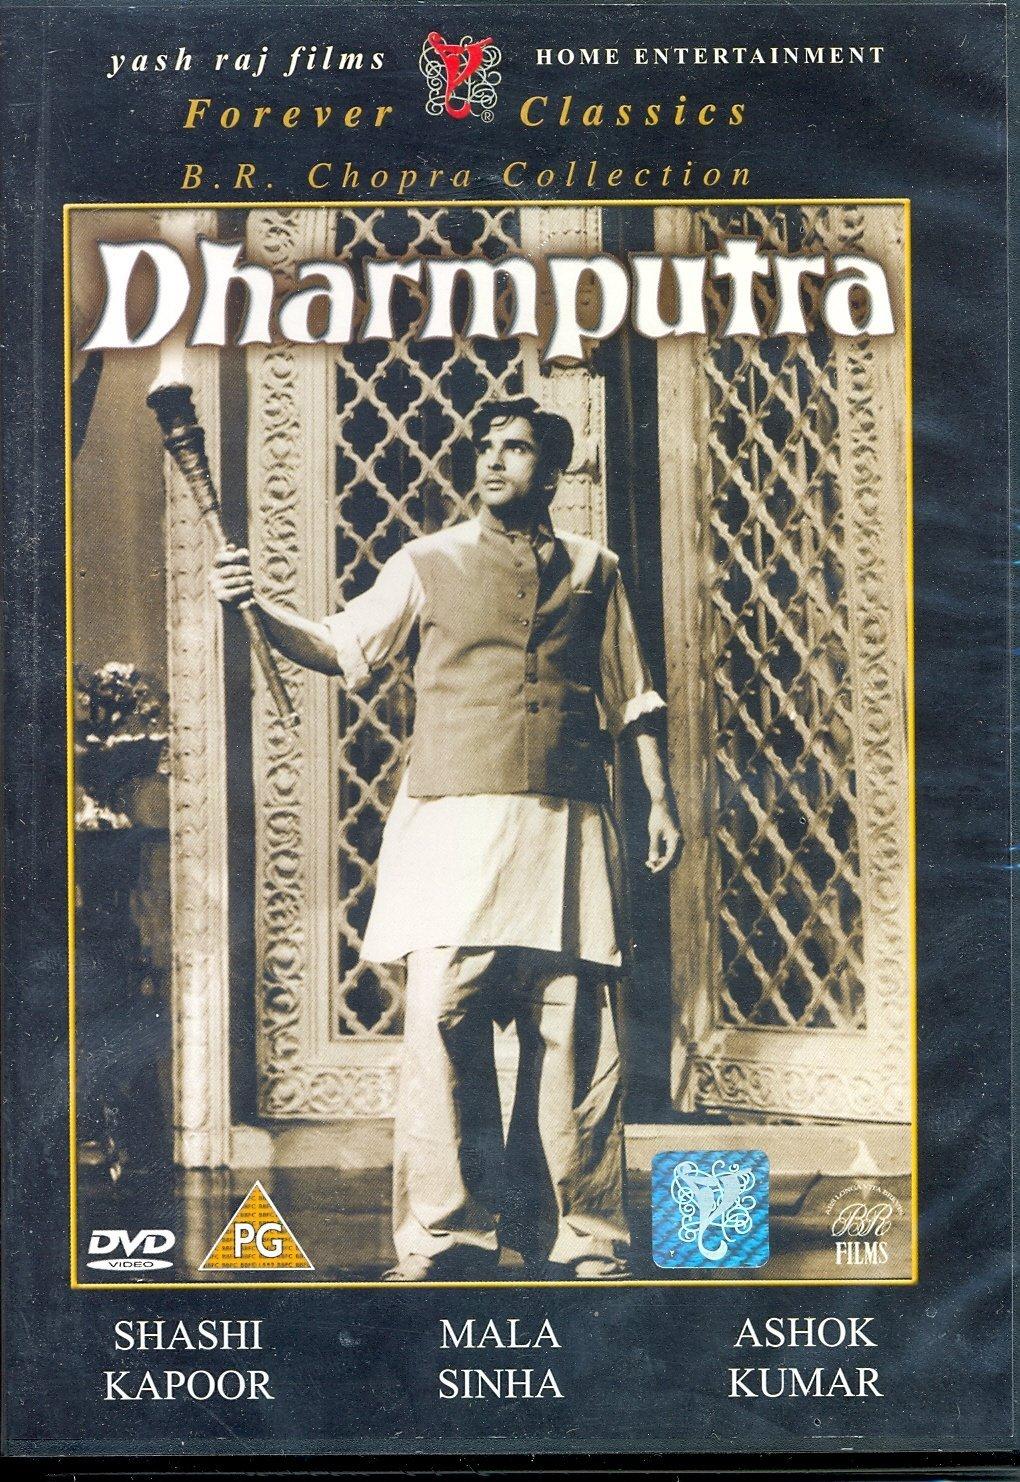 Dharmputra